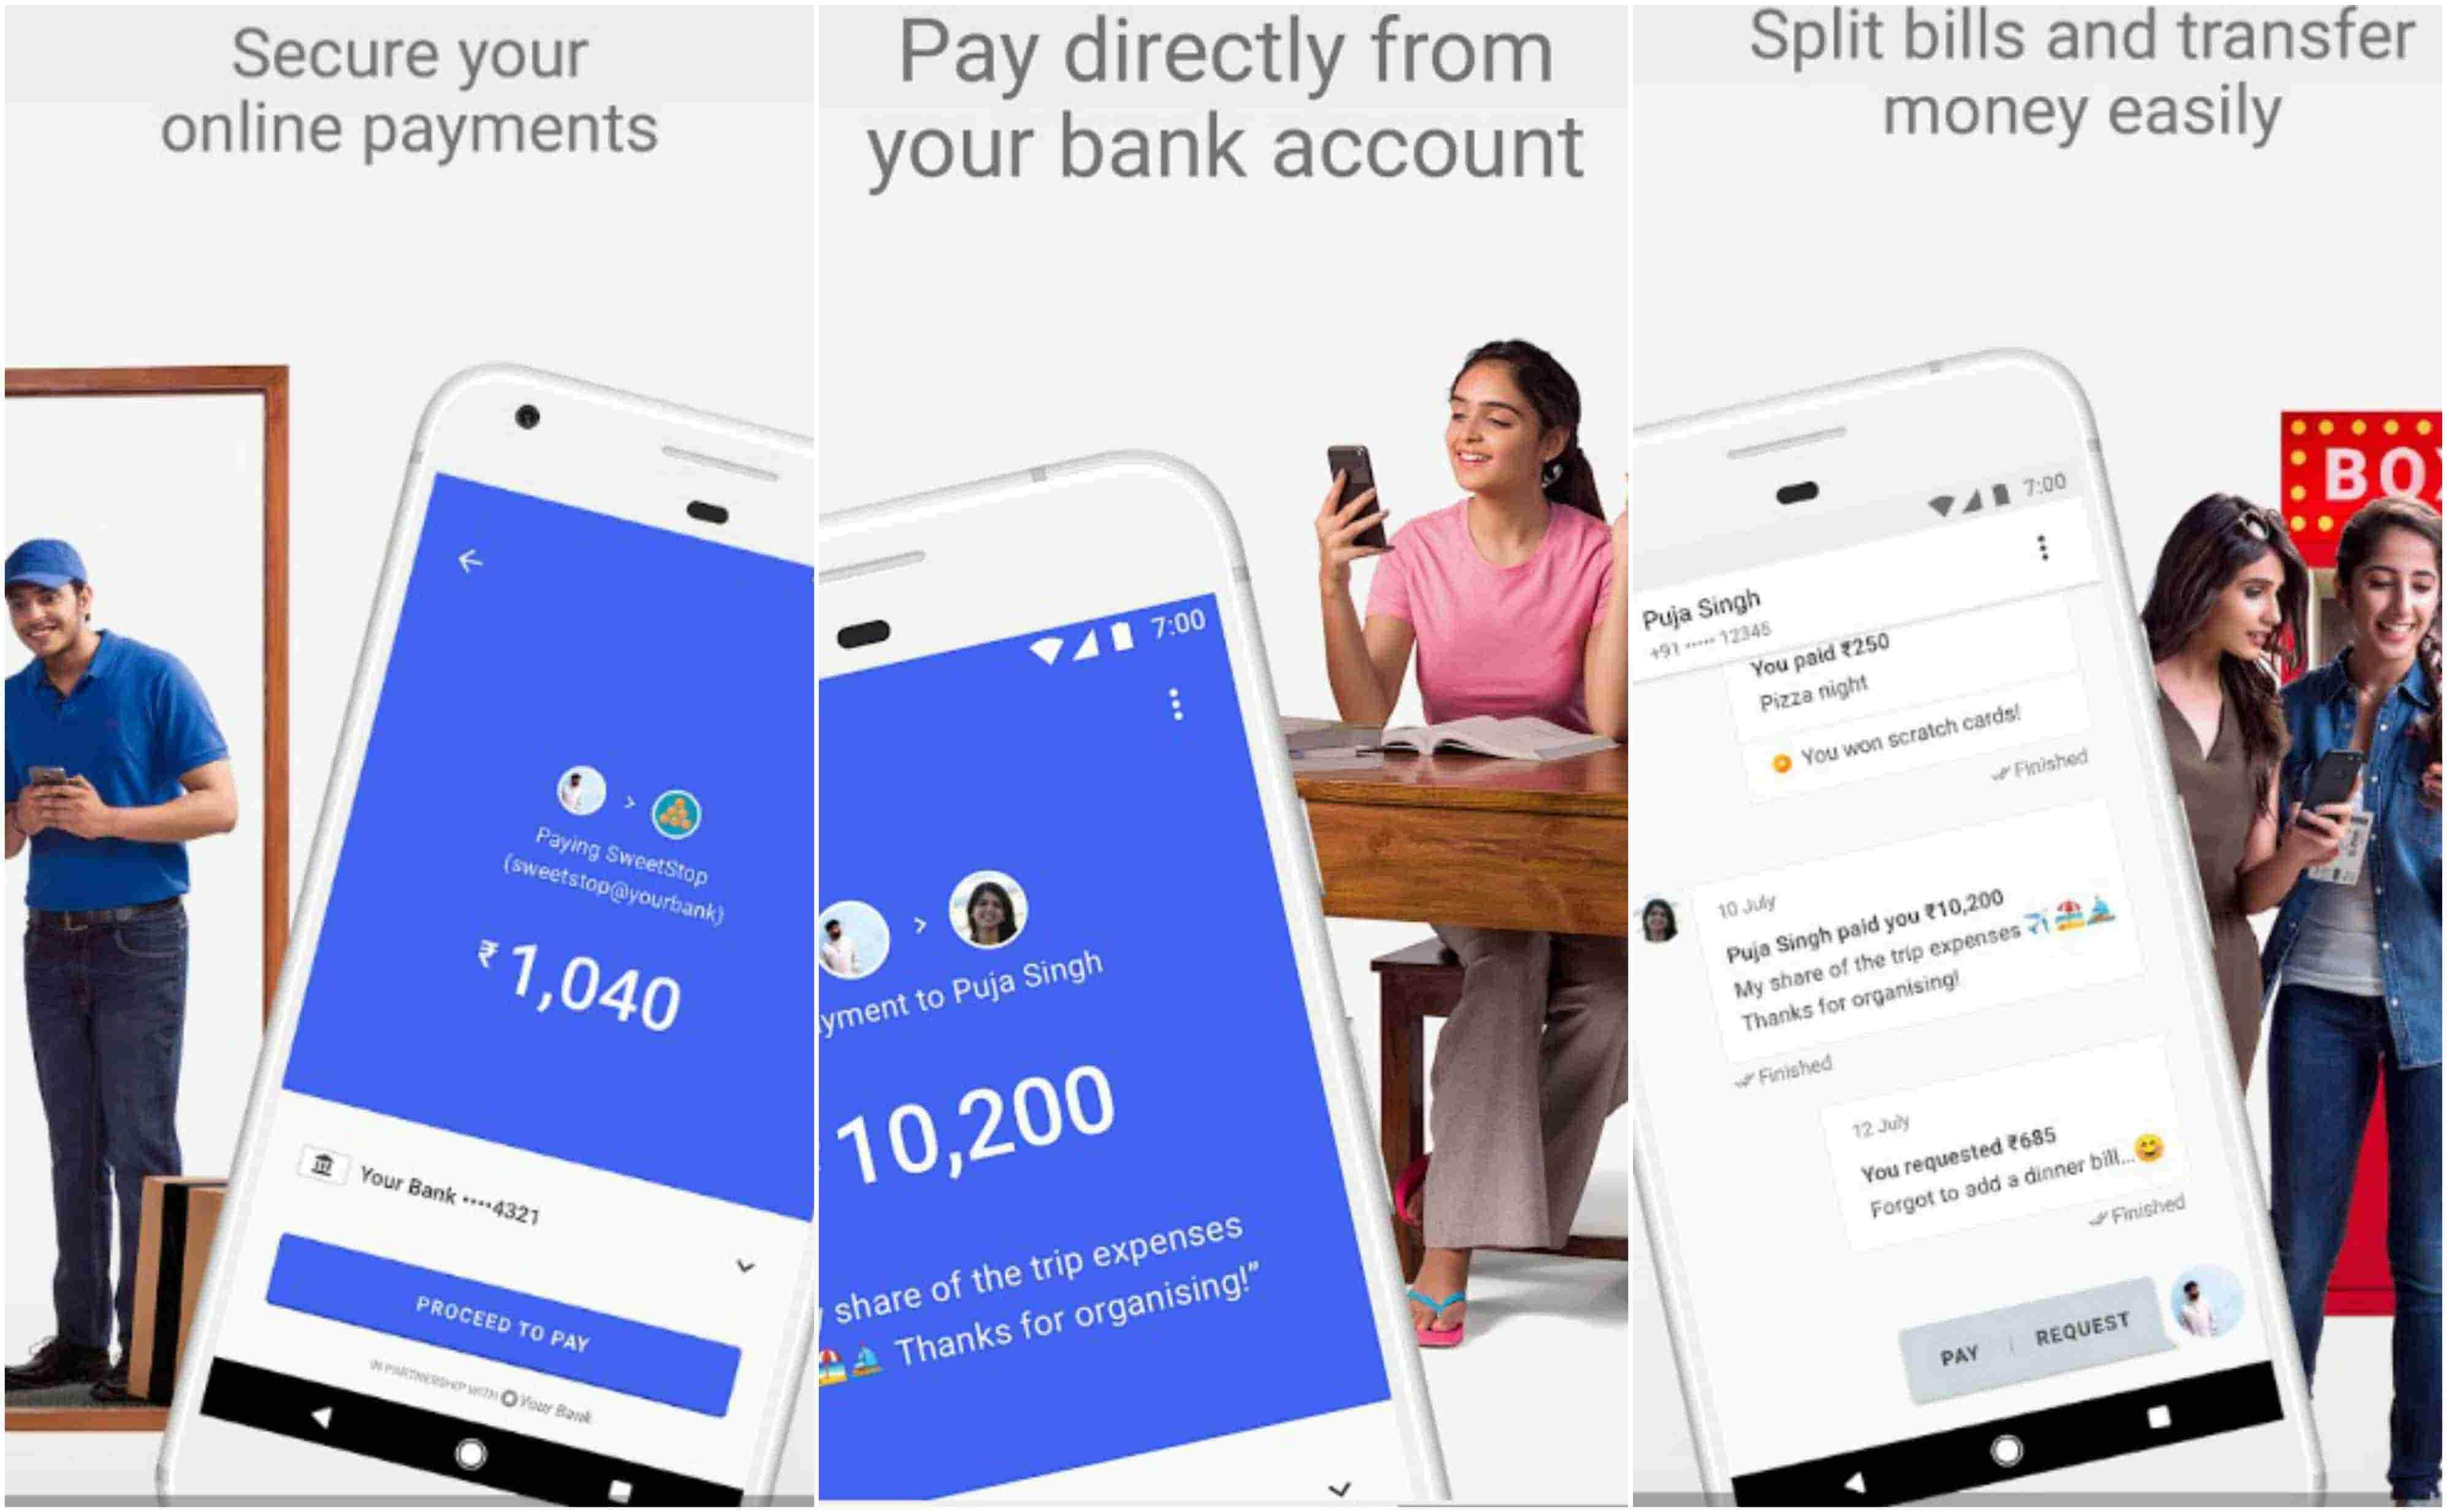 Google TEZ app mobilfizetes azonnali fizetesi rendszer